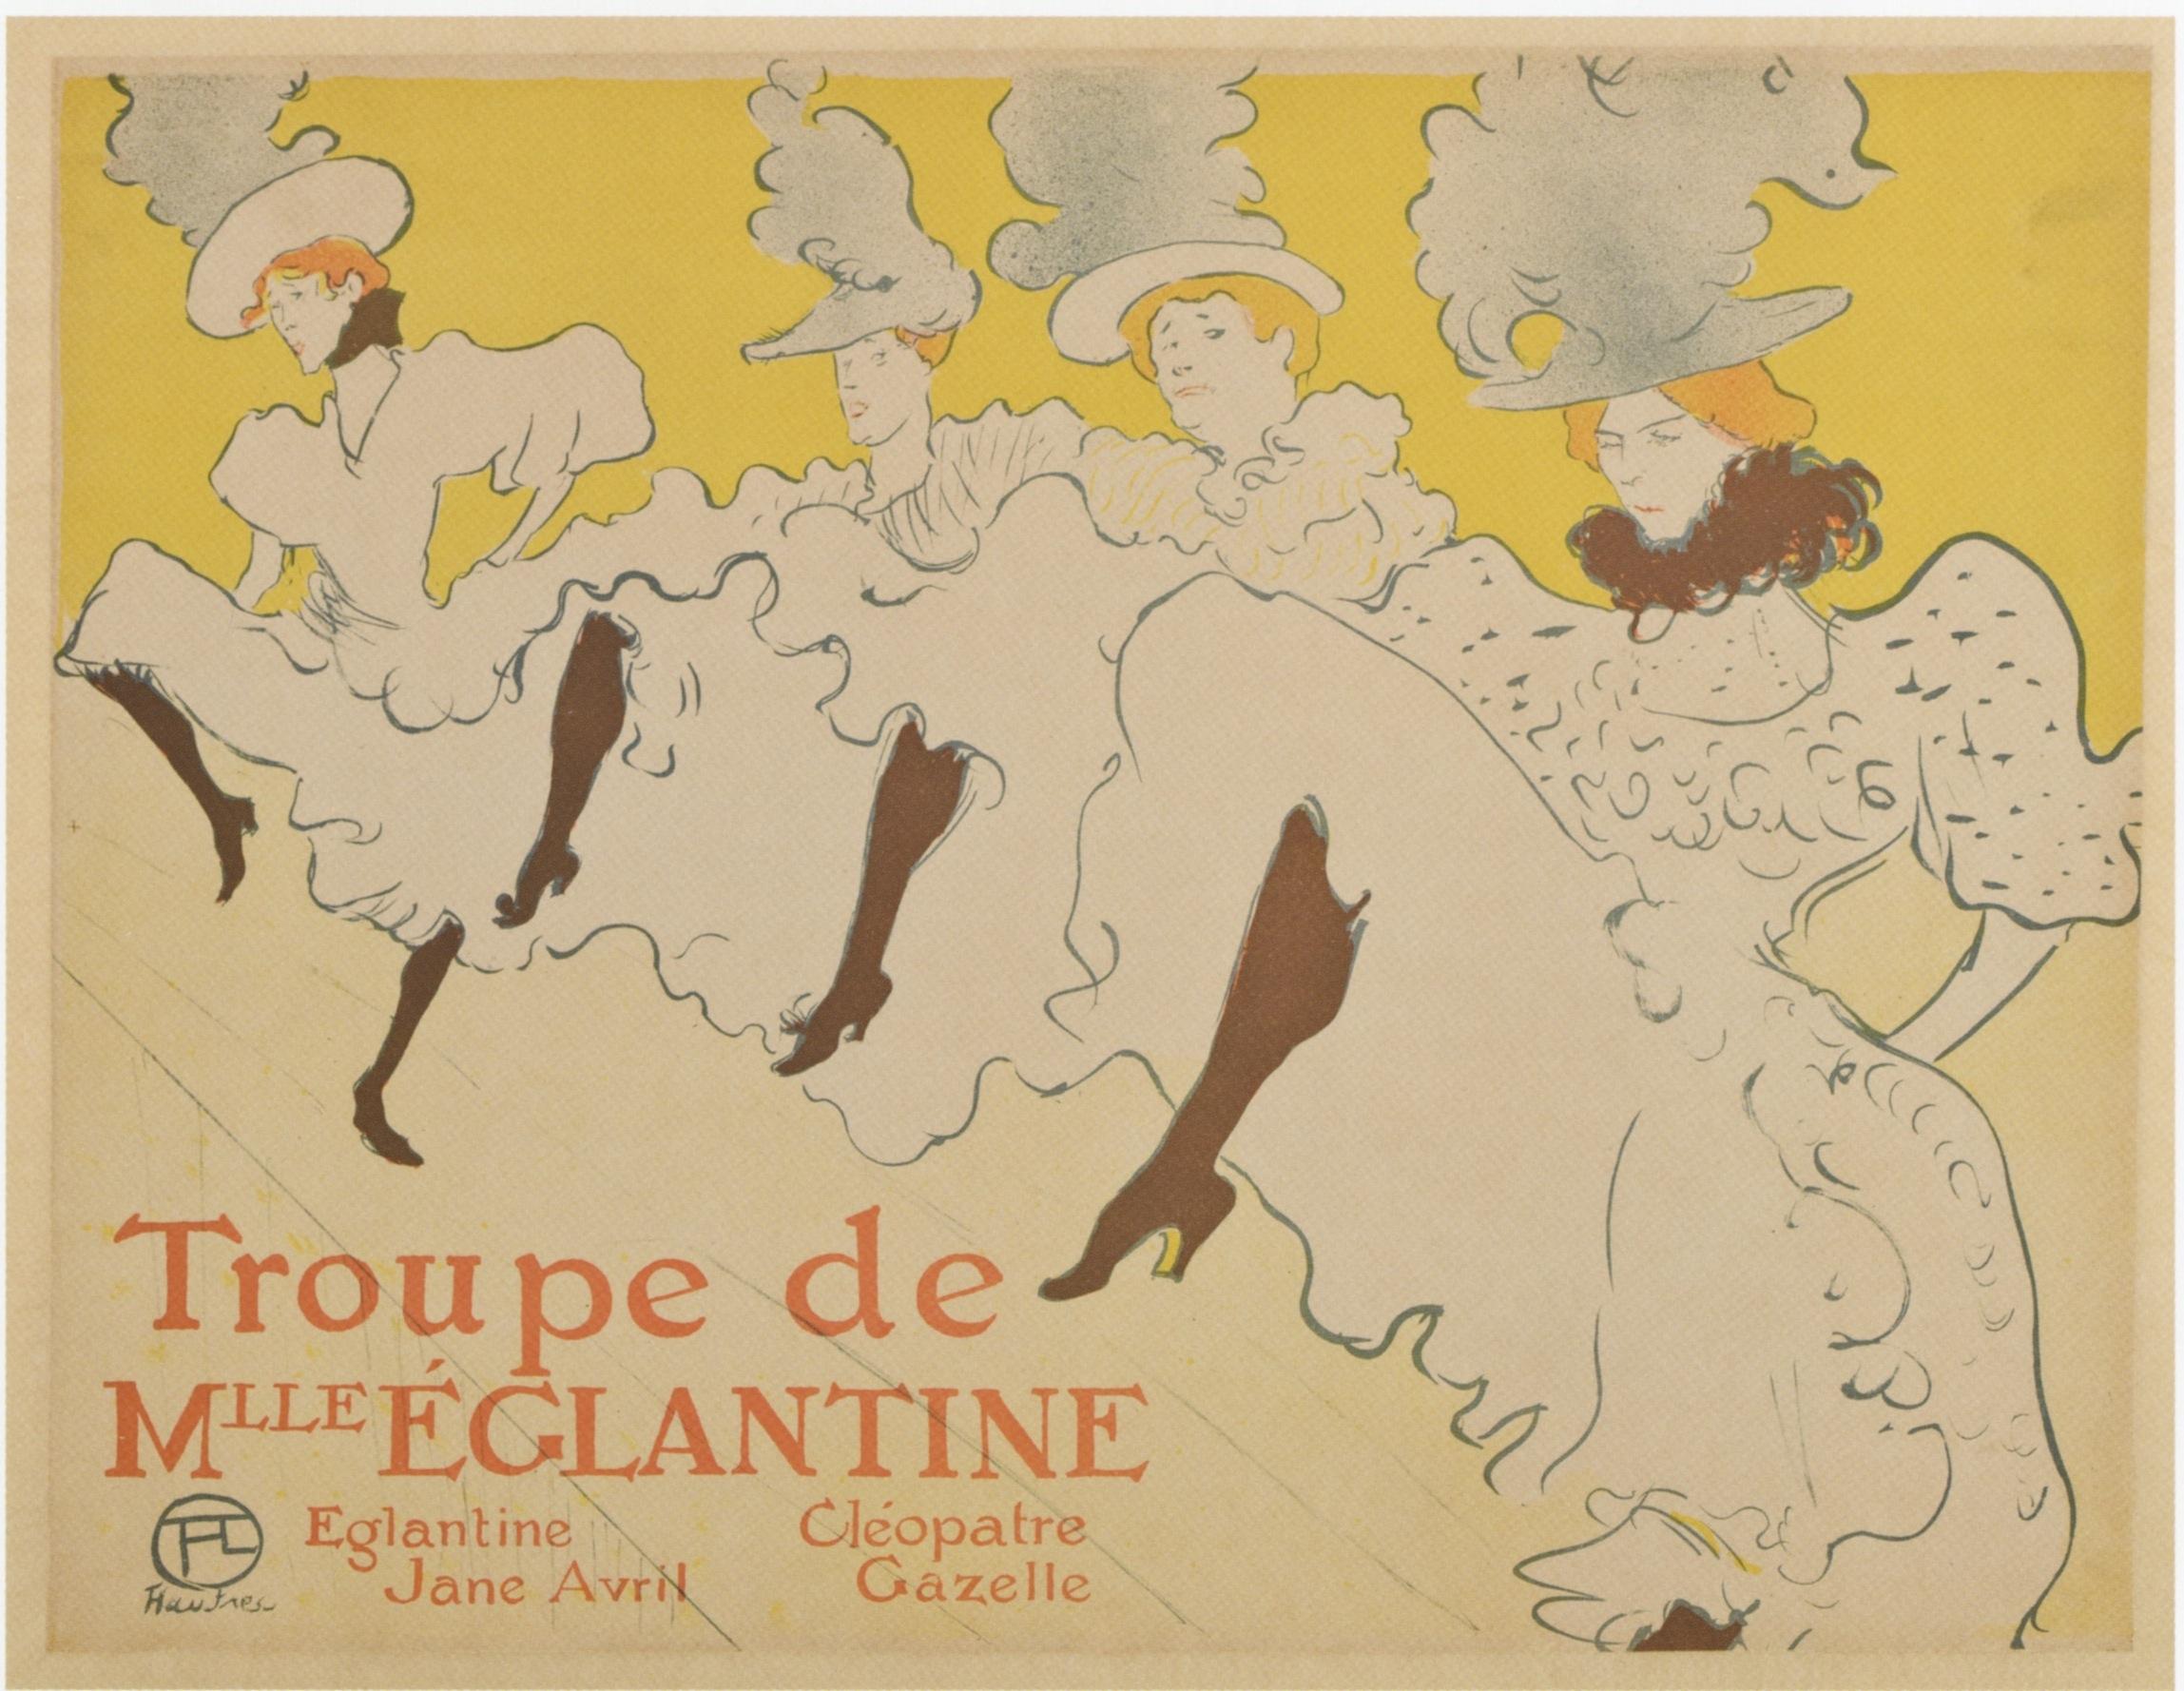 Henri de Toulouse-Lautrec,  La Troupe de Mademoiselle Eglantine , poster advertisement for dance performance, 1895.